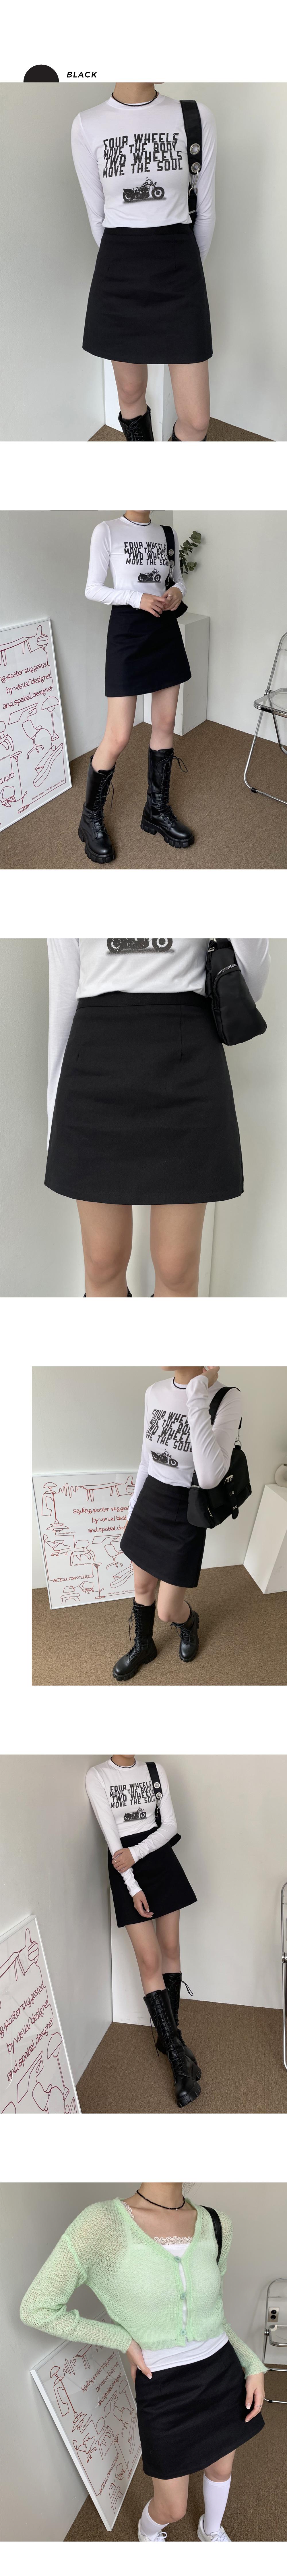 Kiko basic color mini skirt